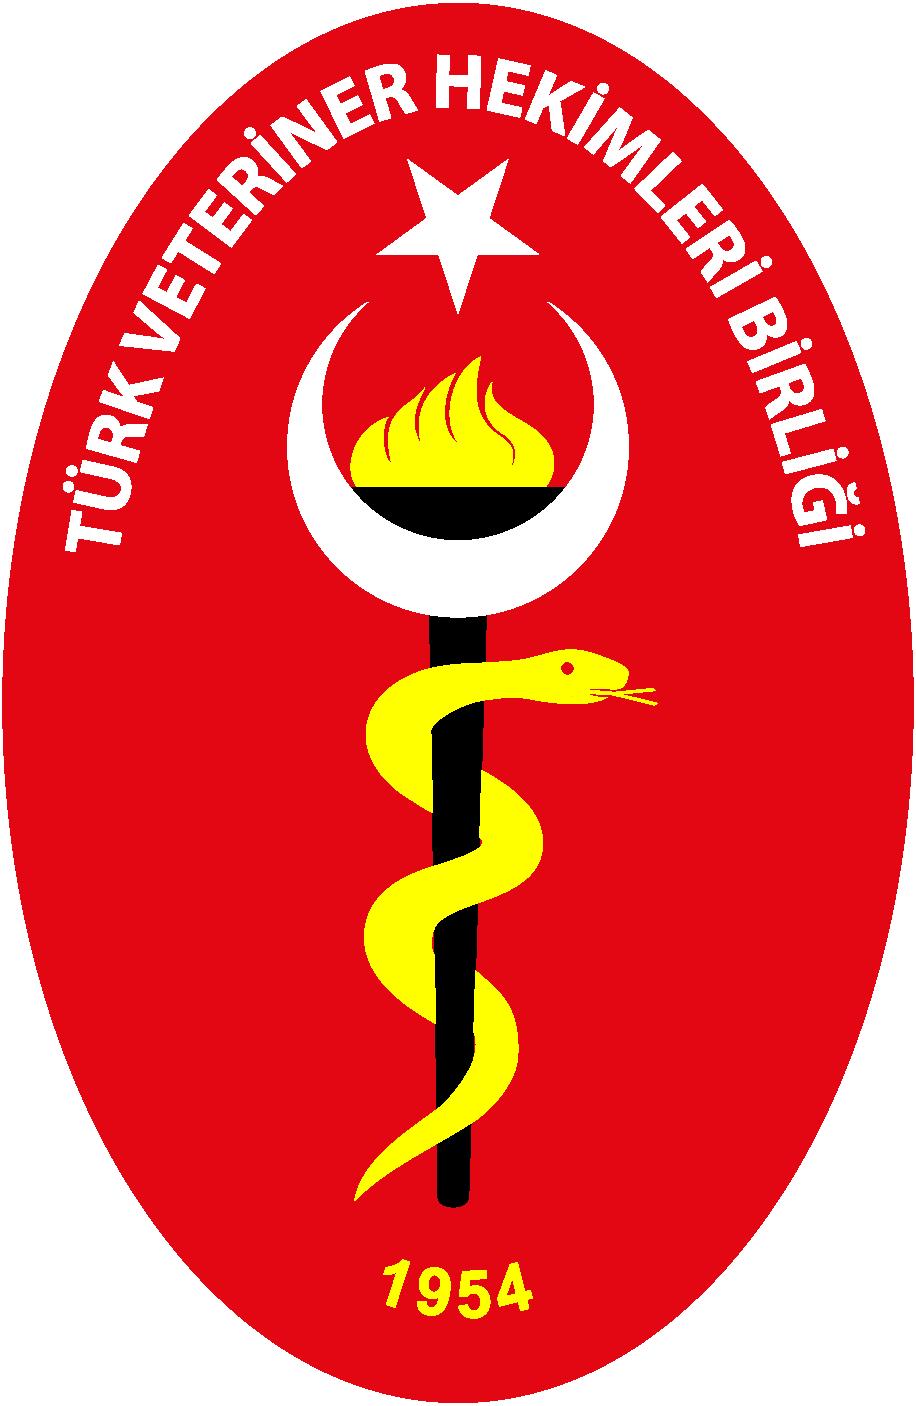 Türk Veteriner Hekimleri Birliği Logo png